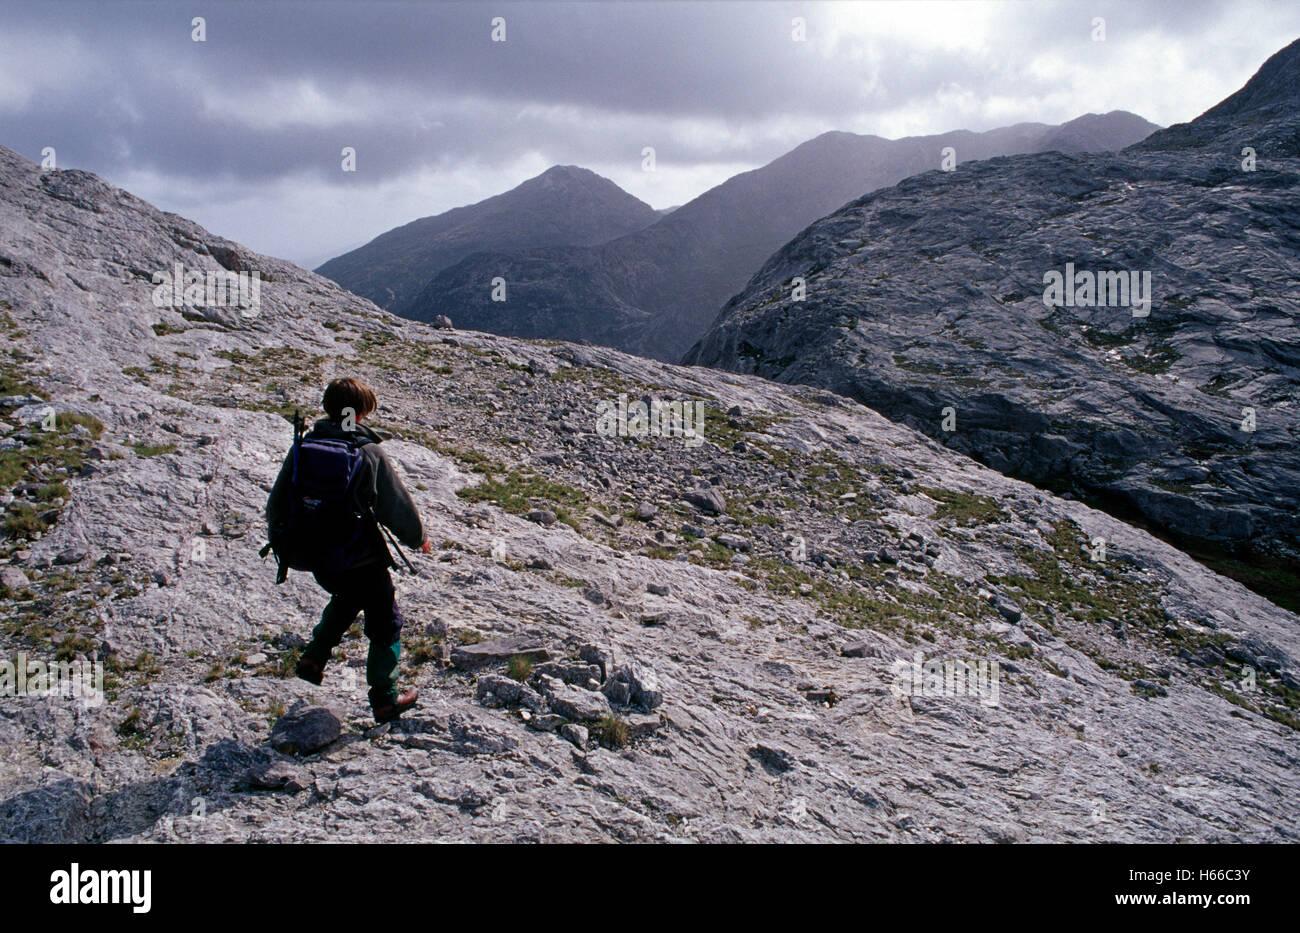 Walker in the Twelve Ben Mountains, Connemara, County Galway, Ireland. - Stock Image